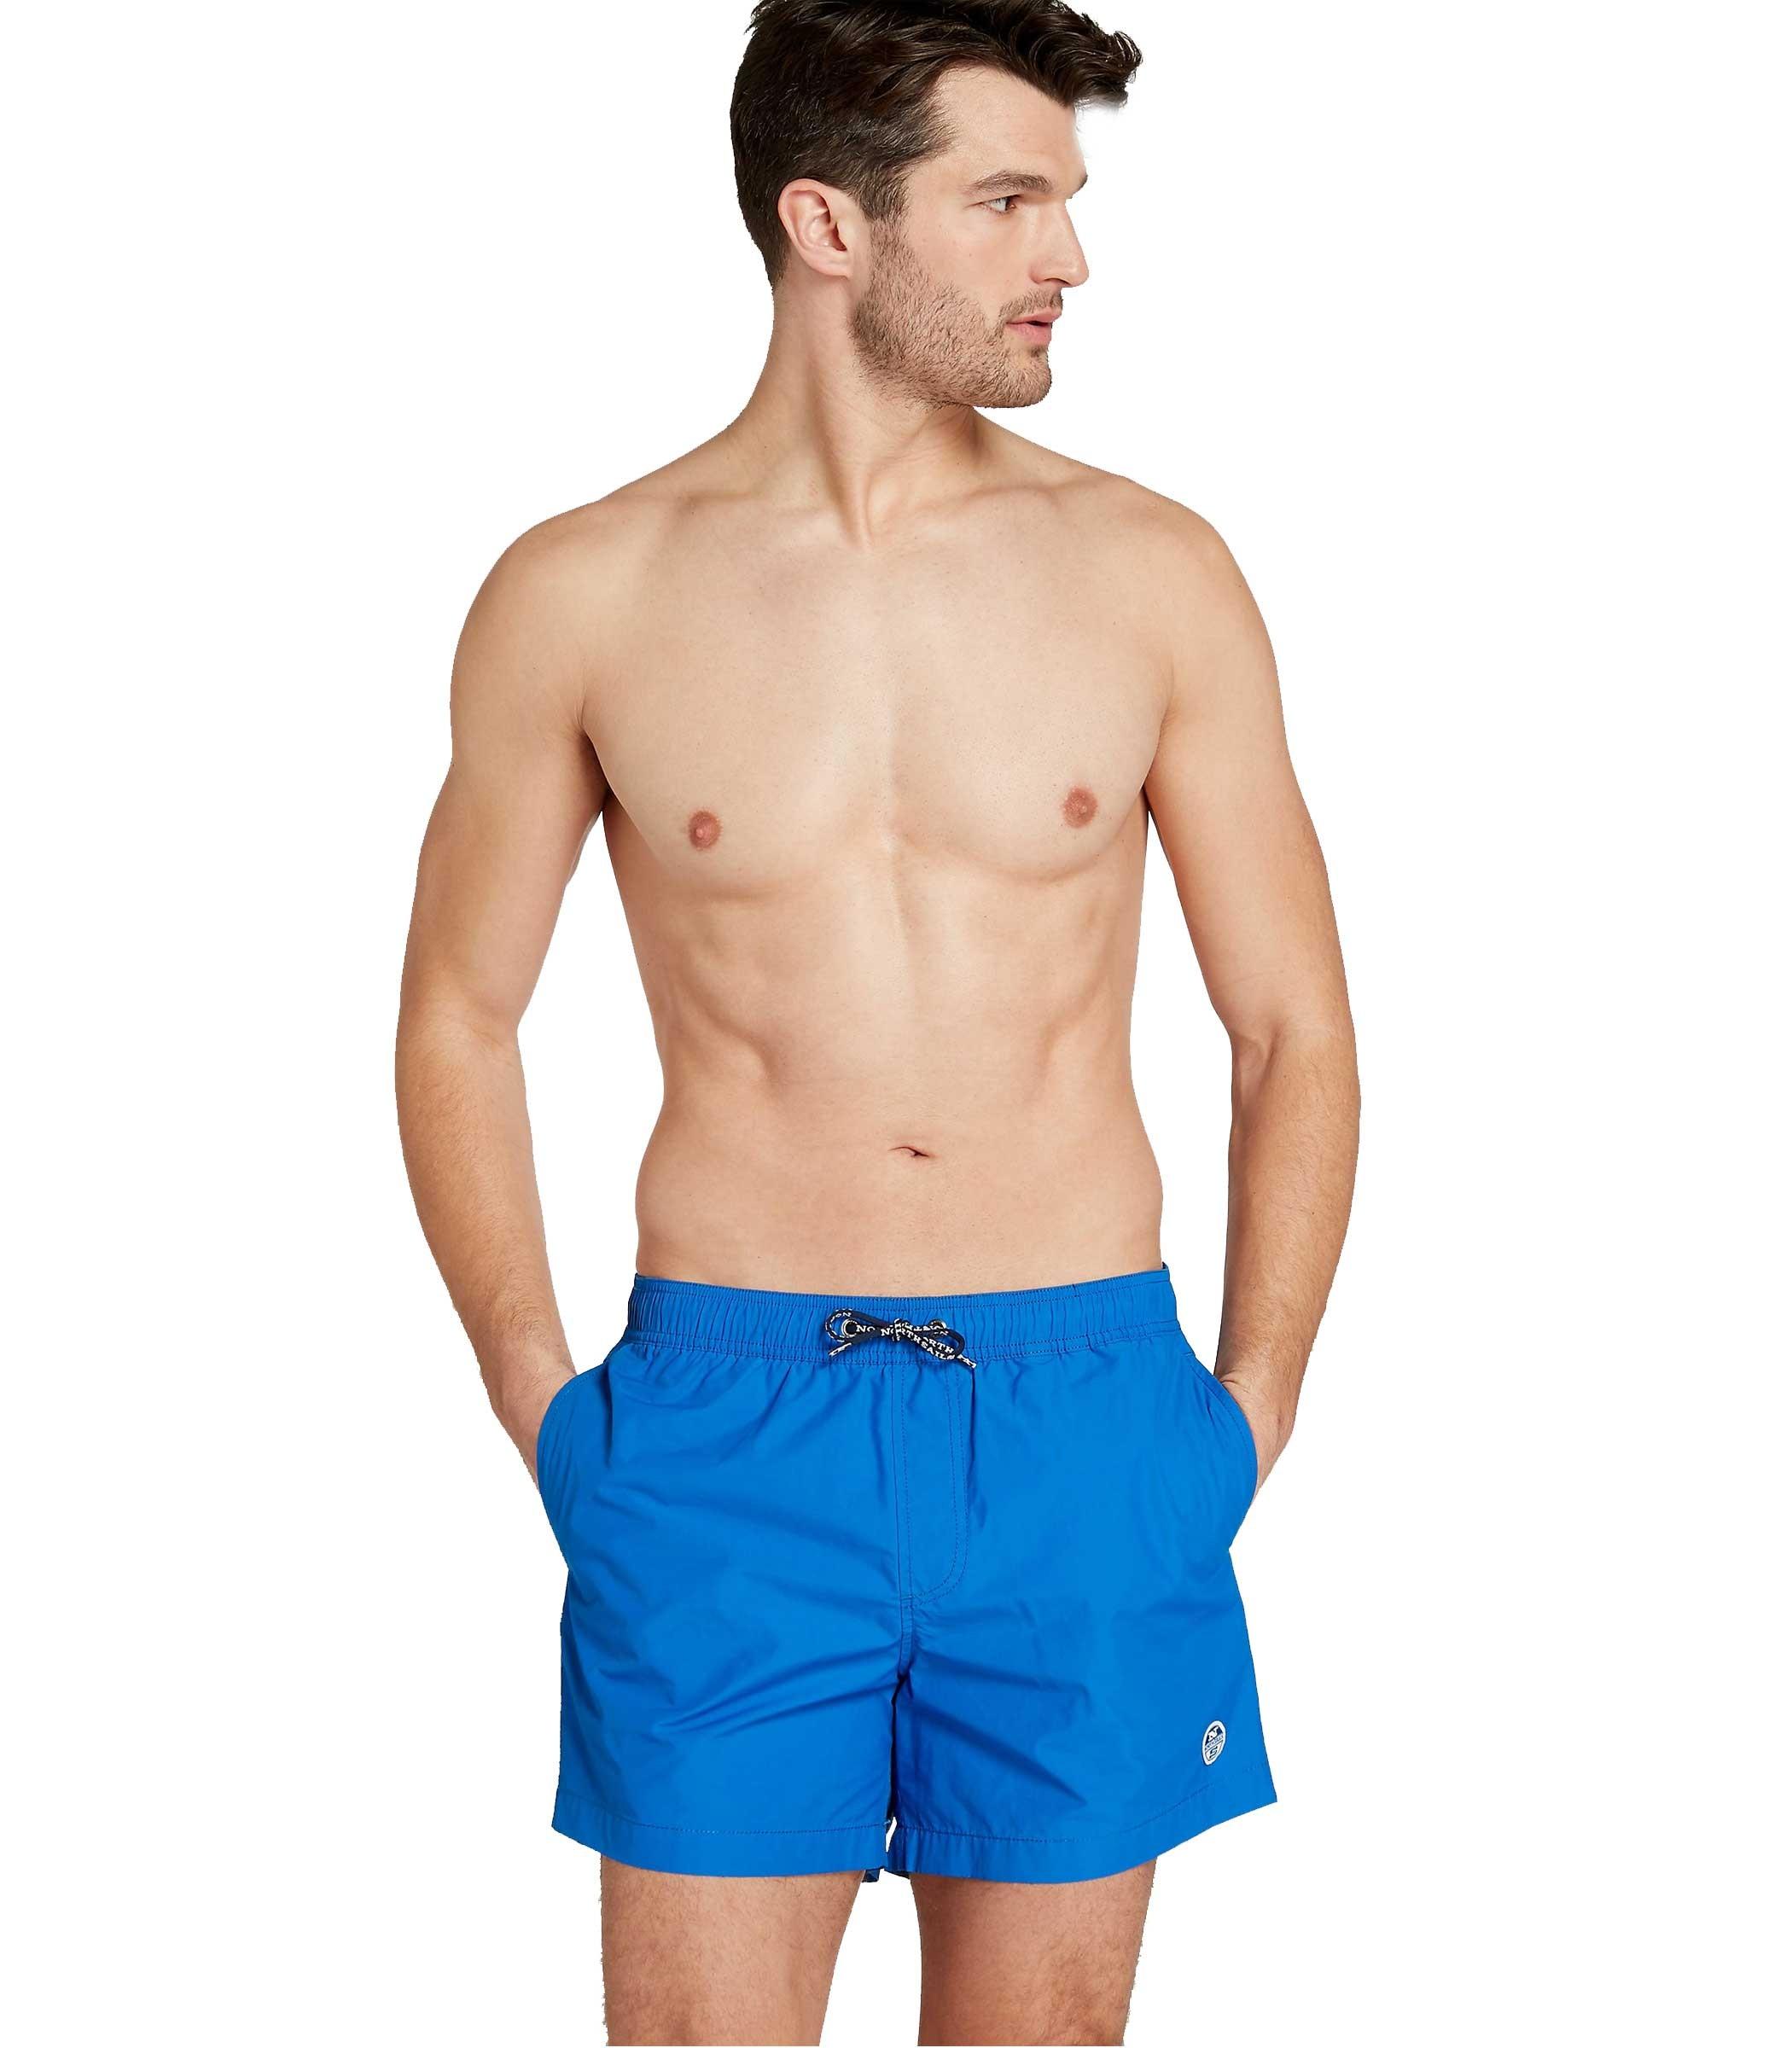 5f3bdc2f52 Costume da bagno North Sails Volley/W Logo da uomo rif. 673375